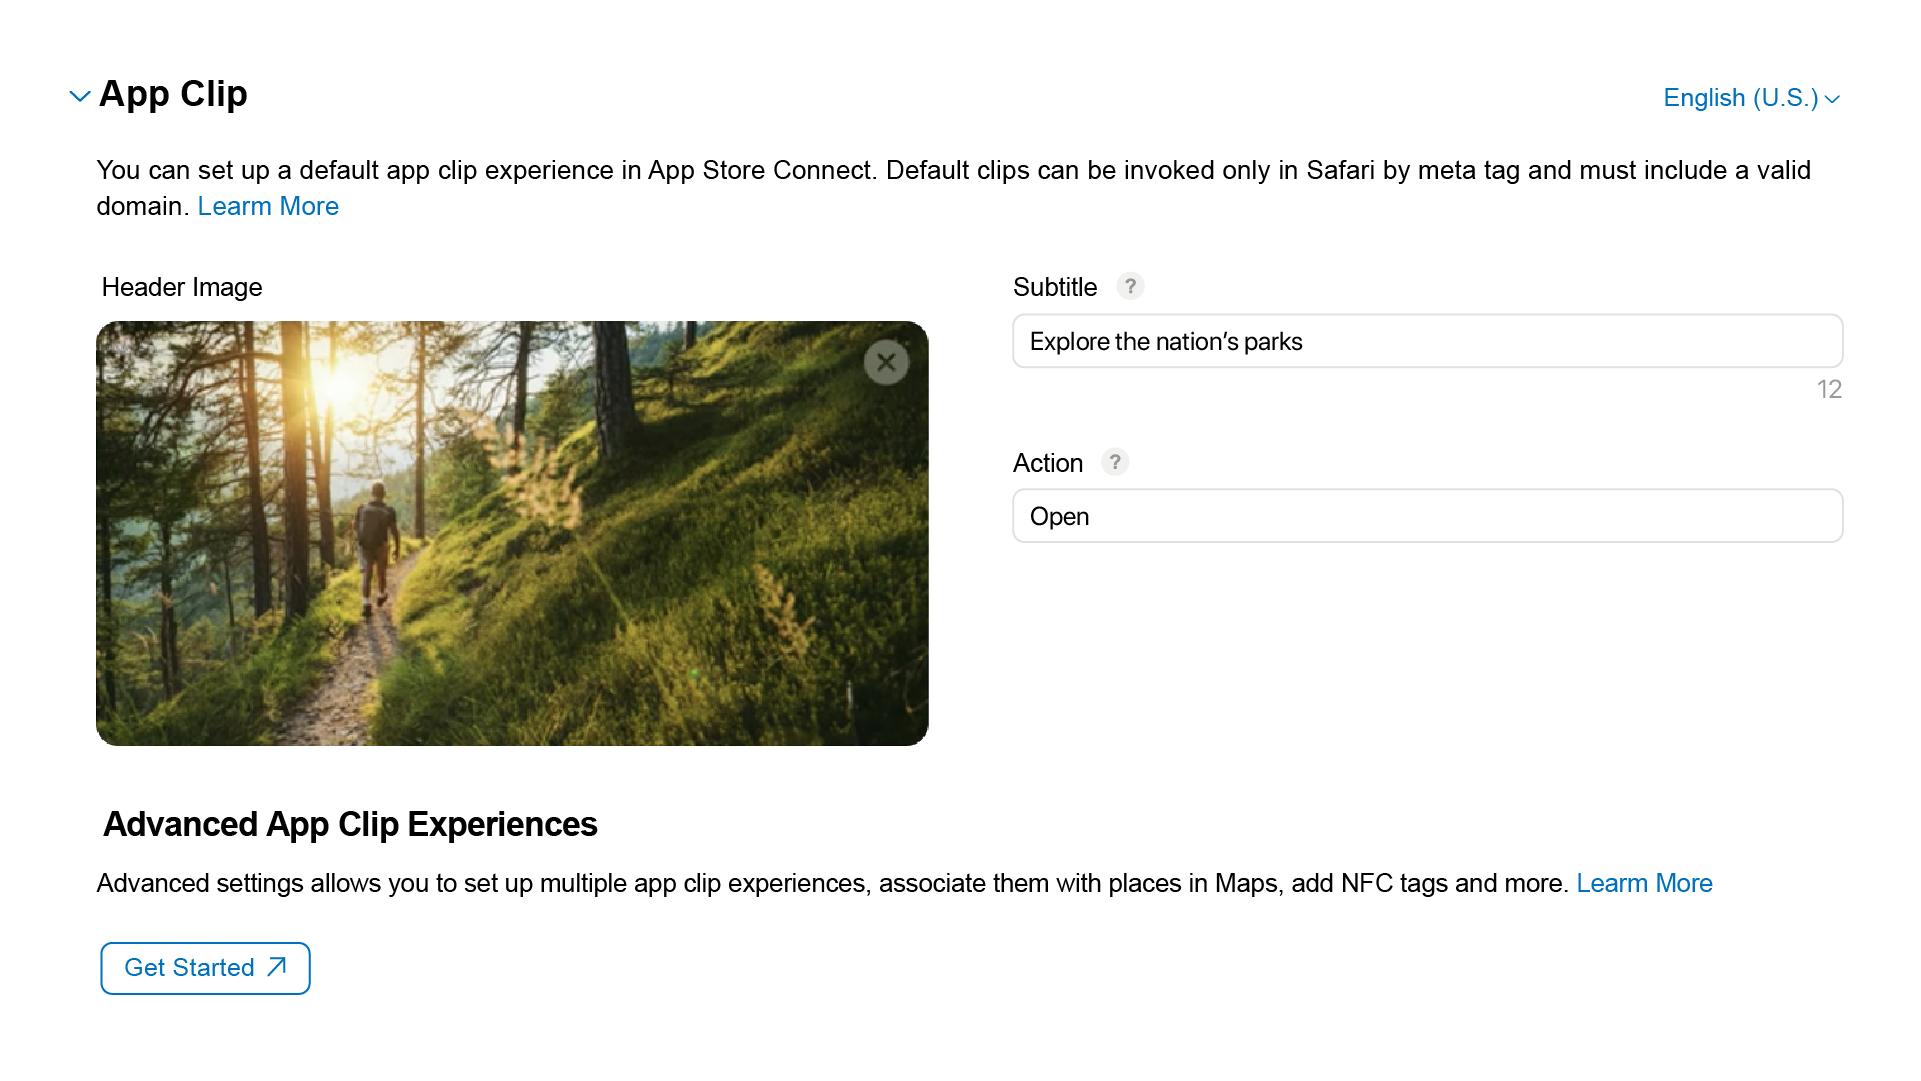 デフォルトの App Clip 構成メタデータ